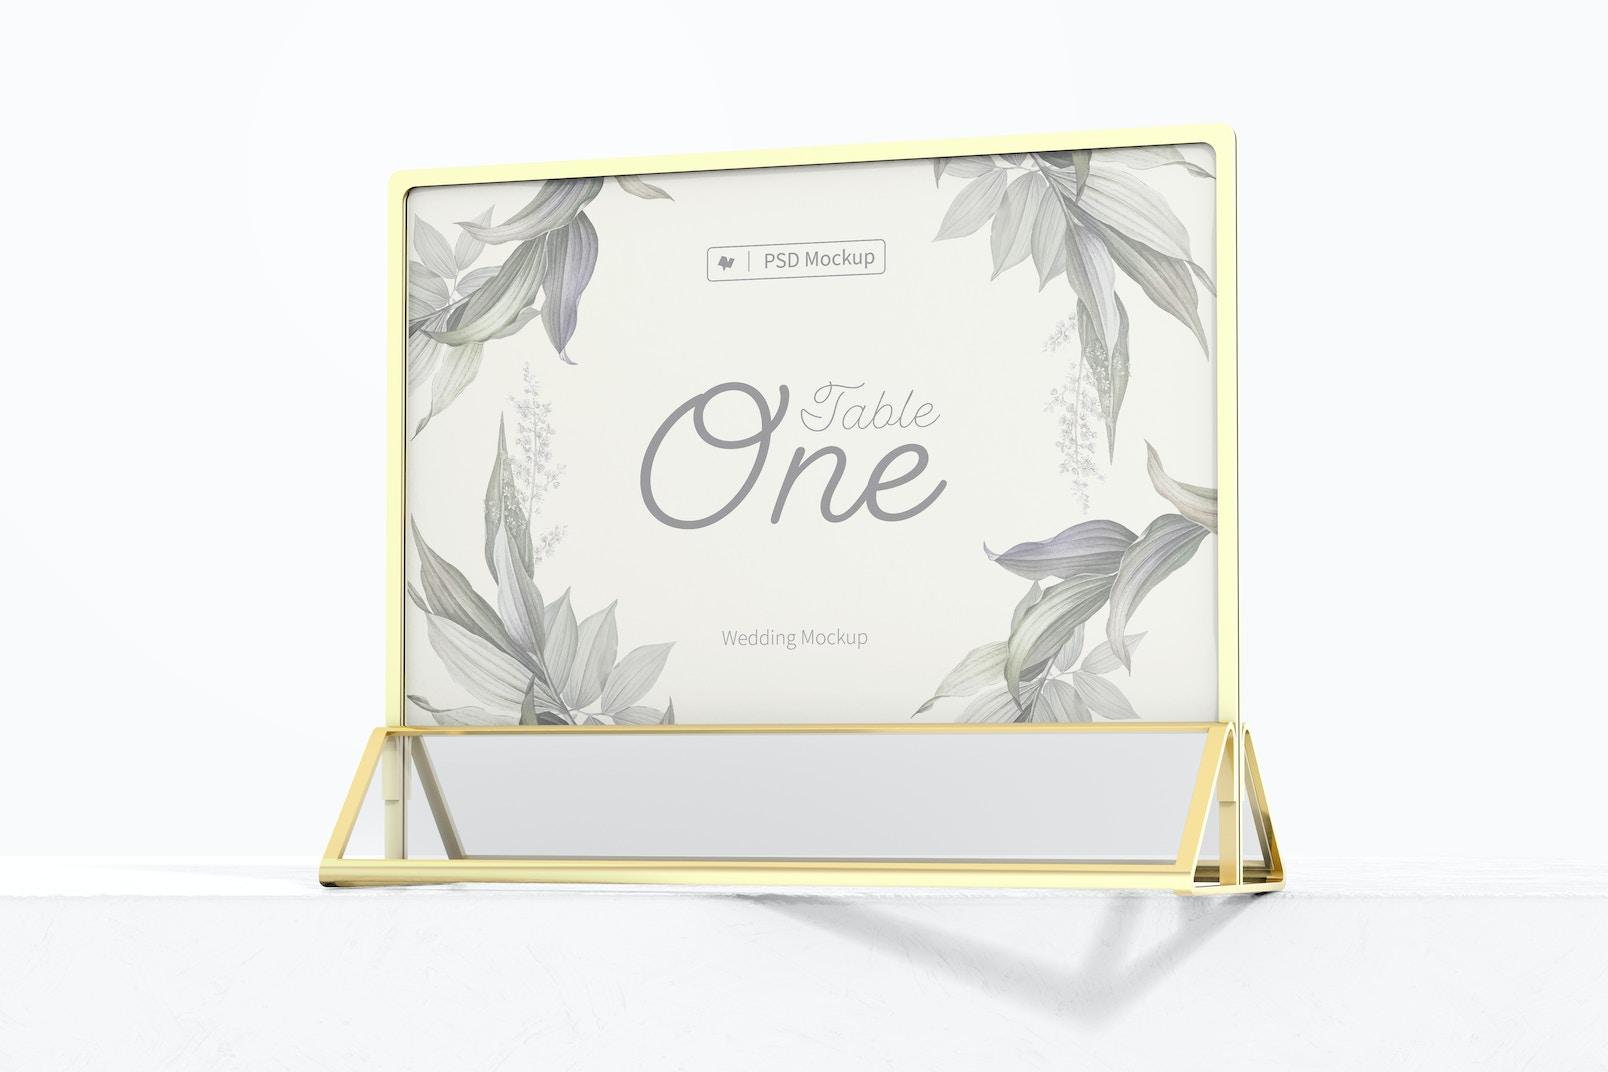 Acrylic Table Card Frame Mockup, on Surface